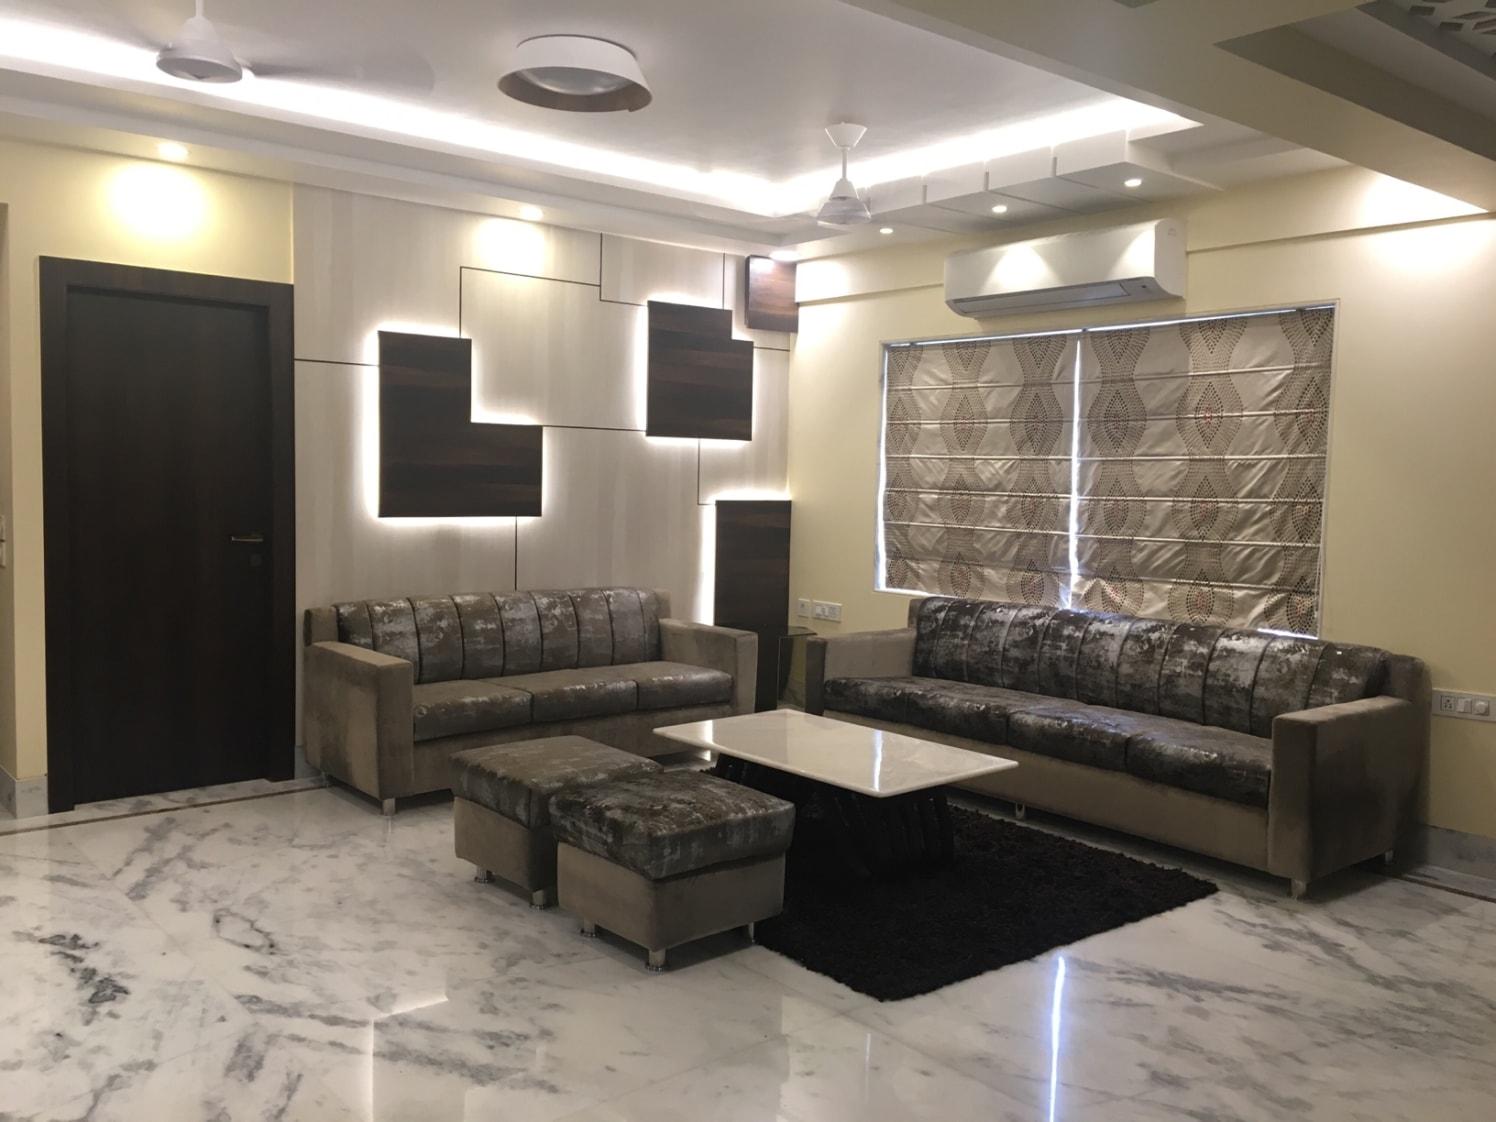 Living Room With False Ceiling by Rishi Mukherjee Living-room Contemporary | Interior Design Photos & Ideas